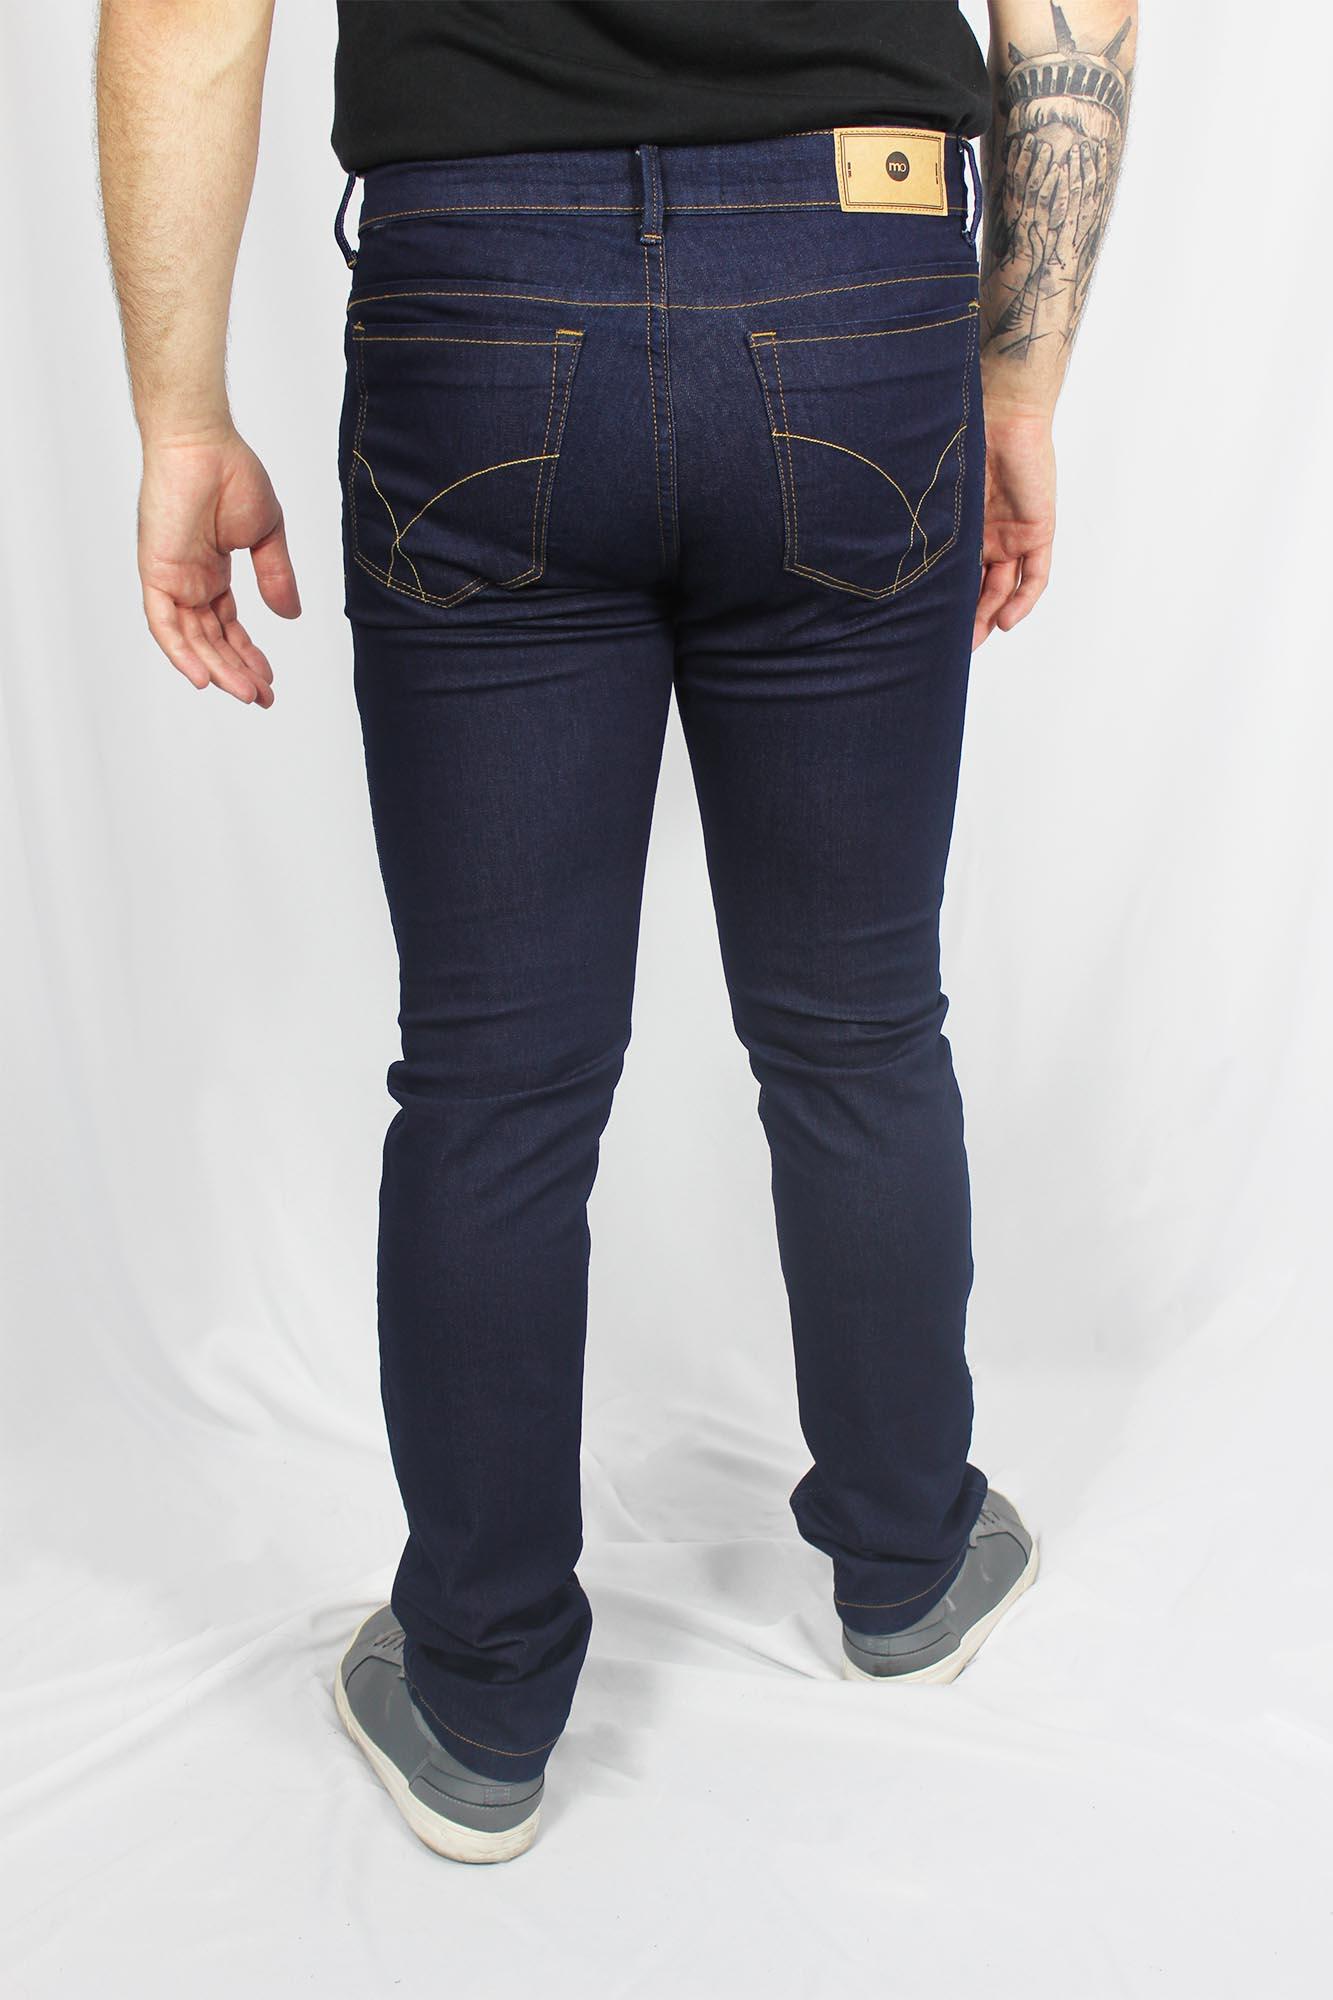 Calça Jeans Regular com Elastano Masculina - Azul Escuro